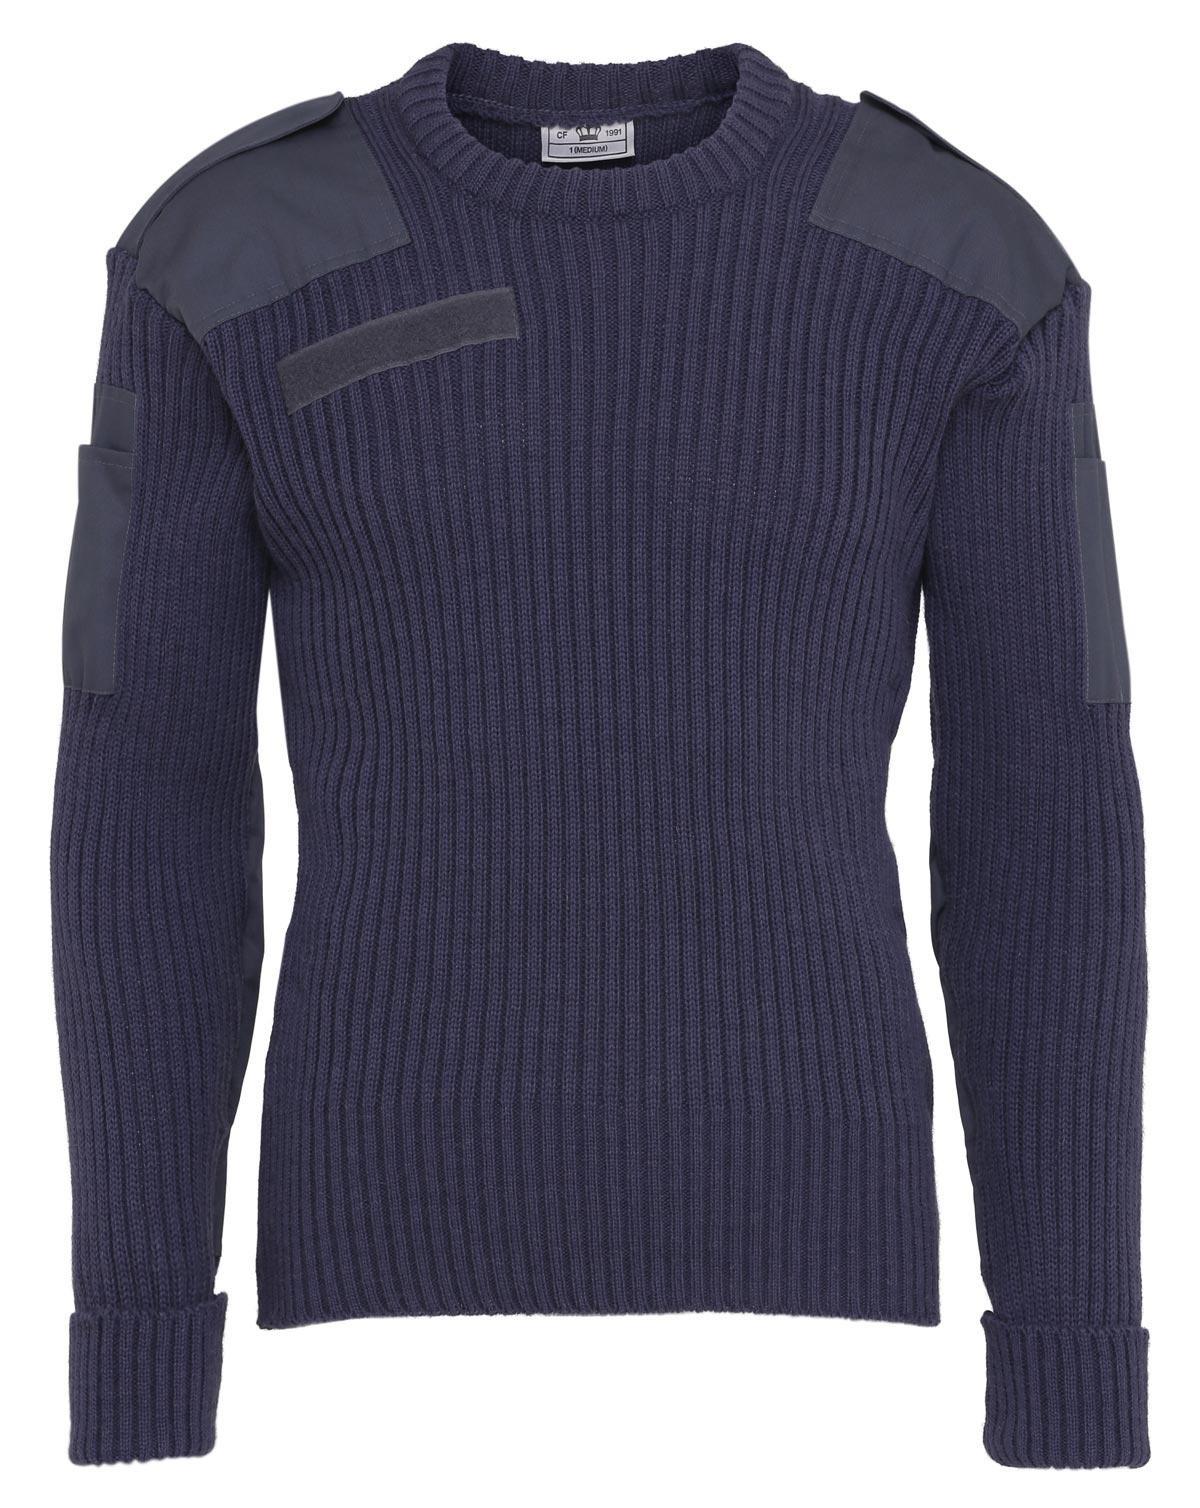 Billede af Original Uldsweater fra Civilforsvaret (Air Force Blå, S)